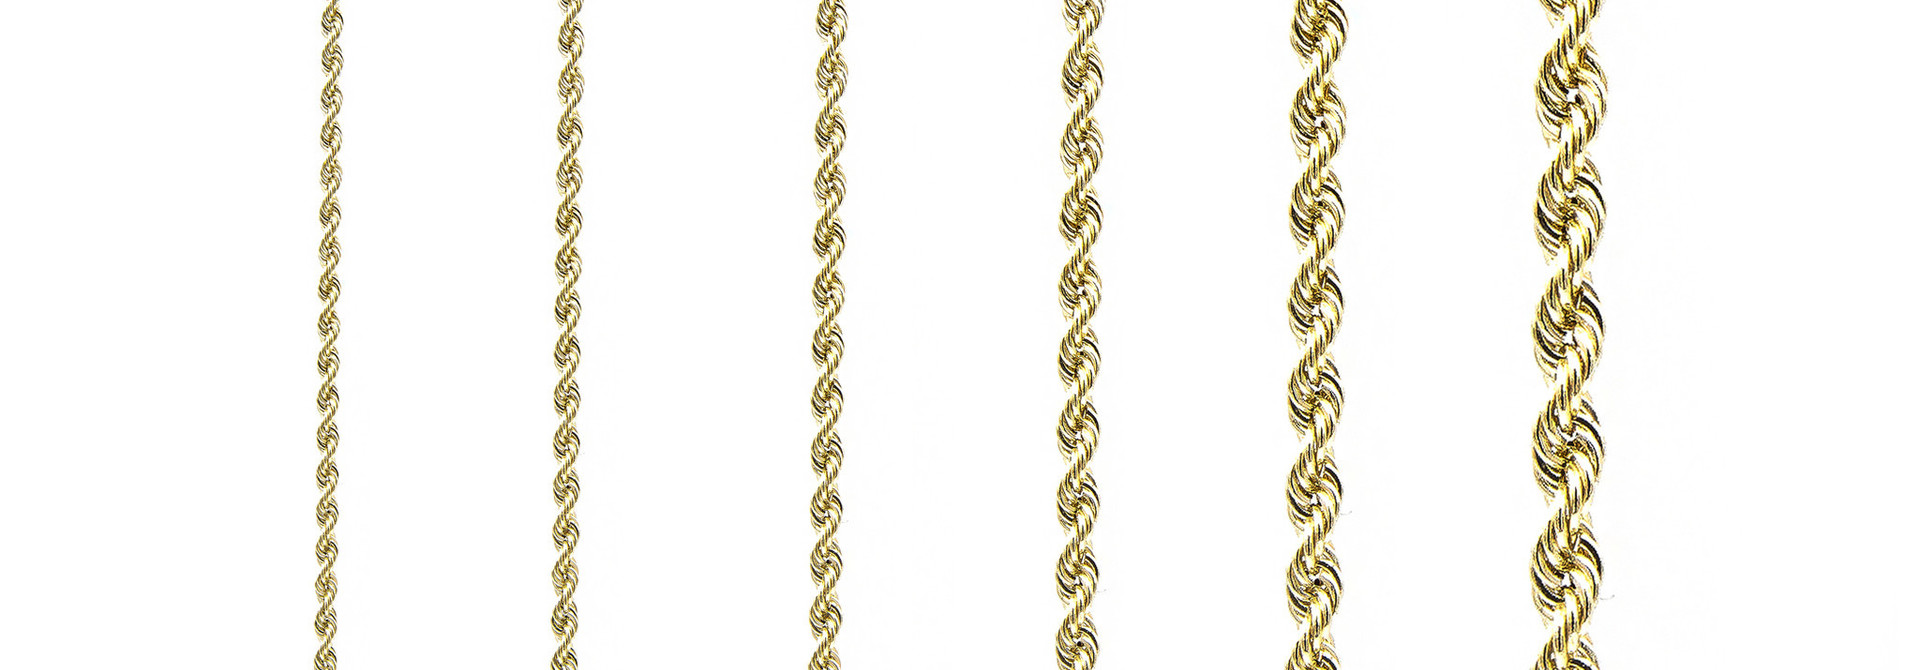 Rope armband Nederlands goud 18 kt 3mm